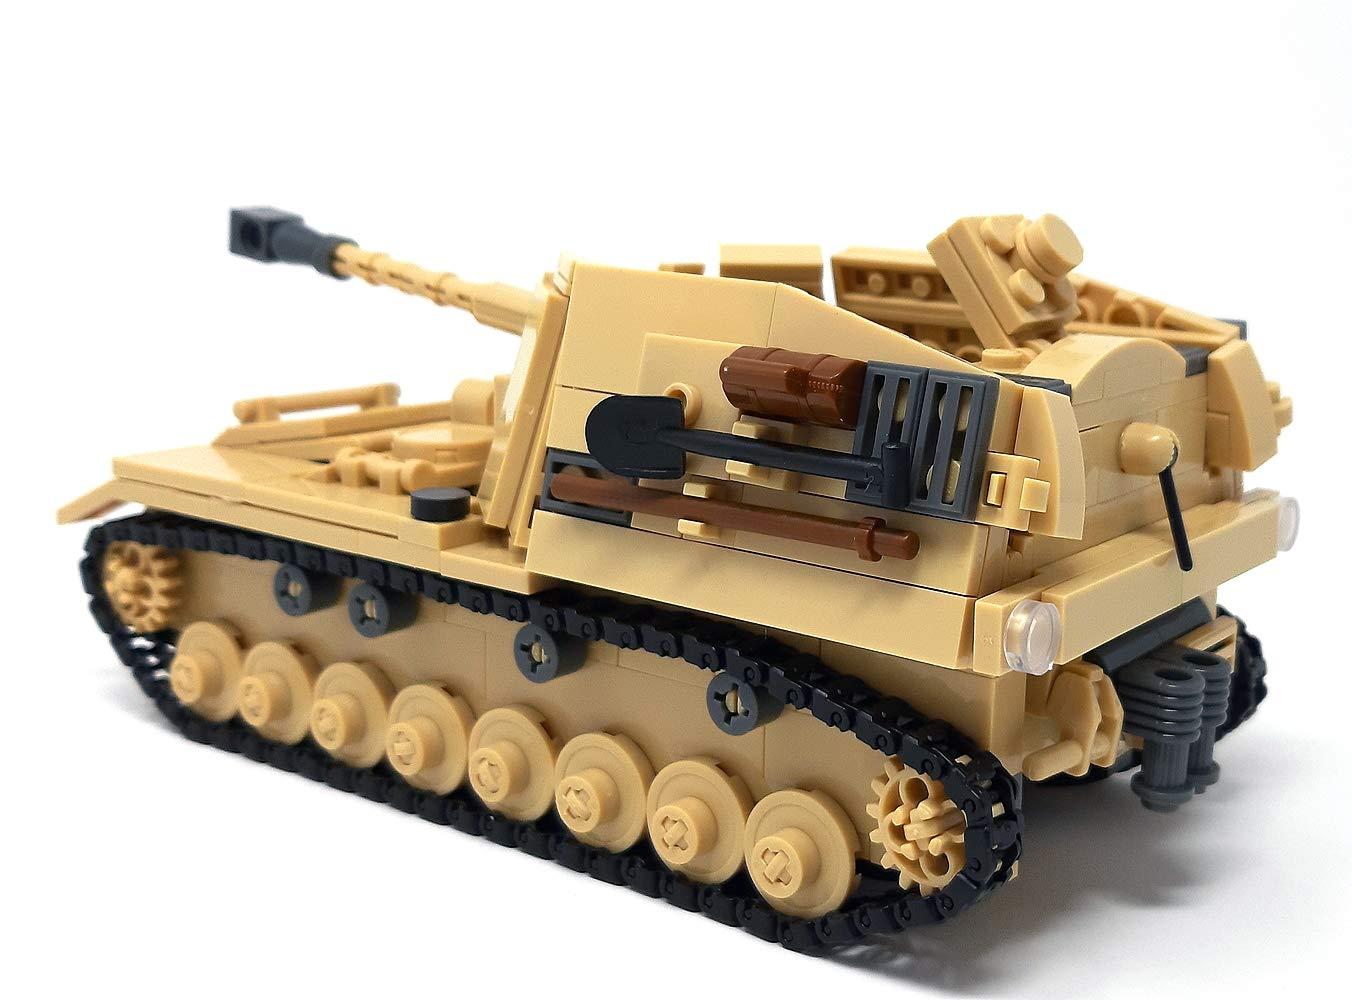 Modbrix WW2 Bausteine Panzer Jagdpanzer Sd.Kfz 164 inkl 3 Minifiguren Soldaten